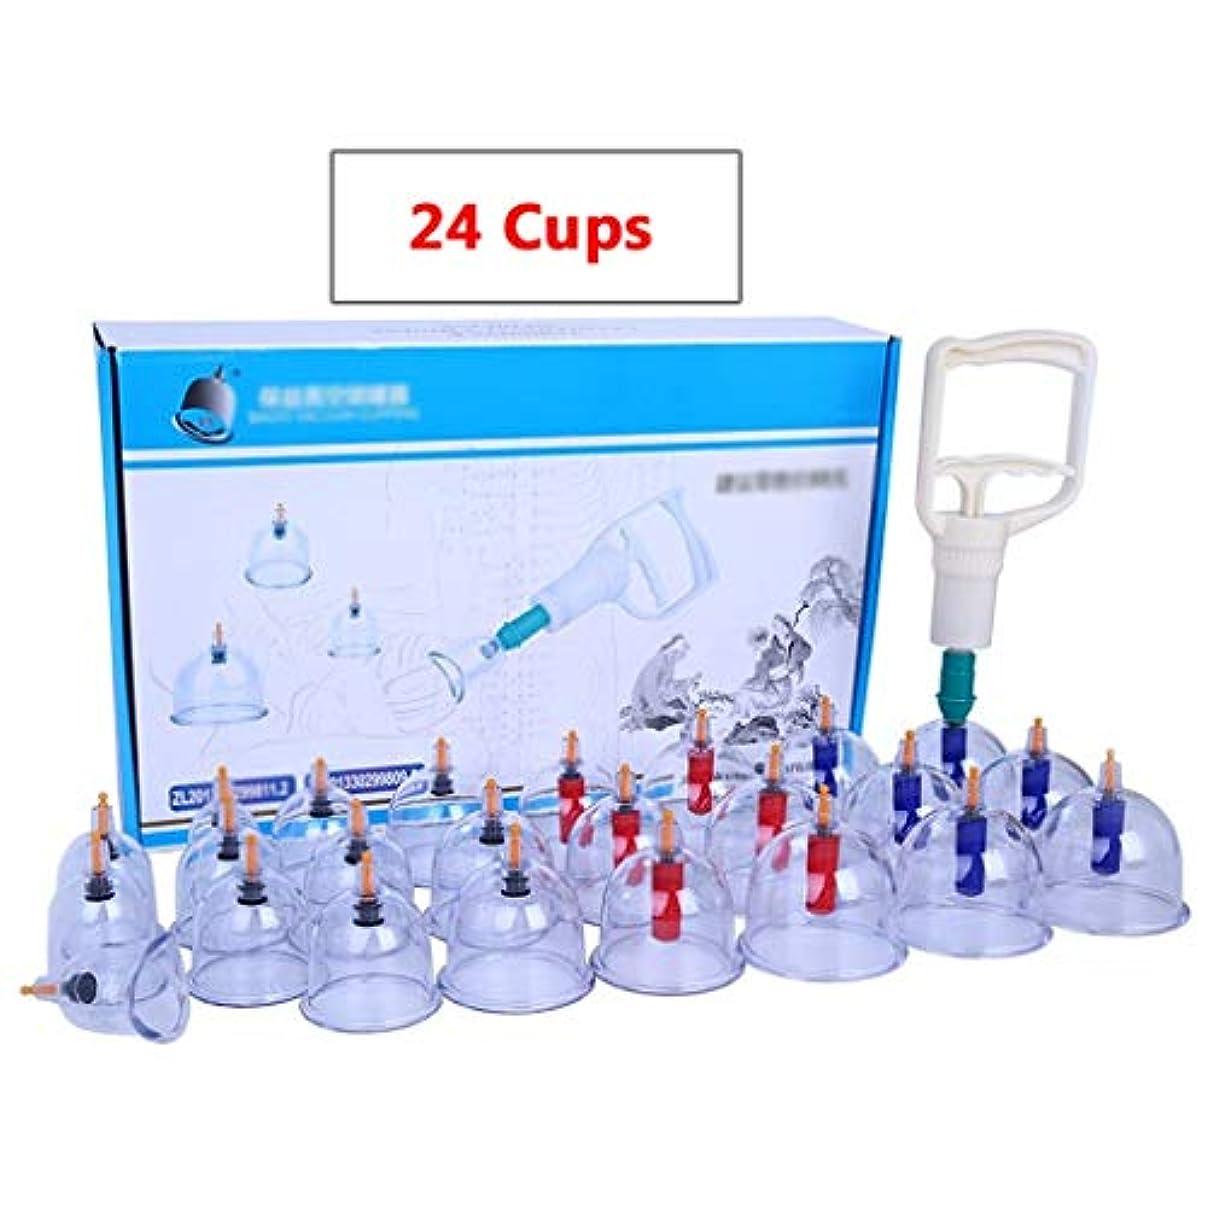 杖ピボット無駄真空カッピングキット、24カップ、ホームサクションカッピングセラピー、手動透明カッピング、中華カッピング (色 : 24 Cups)